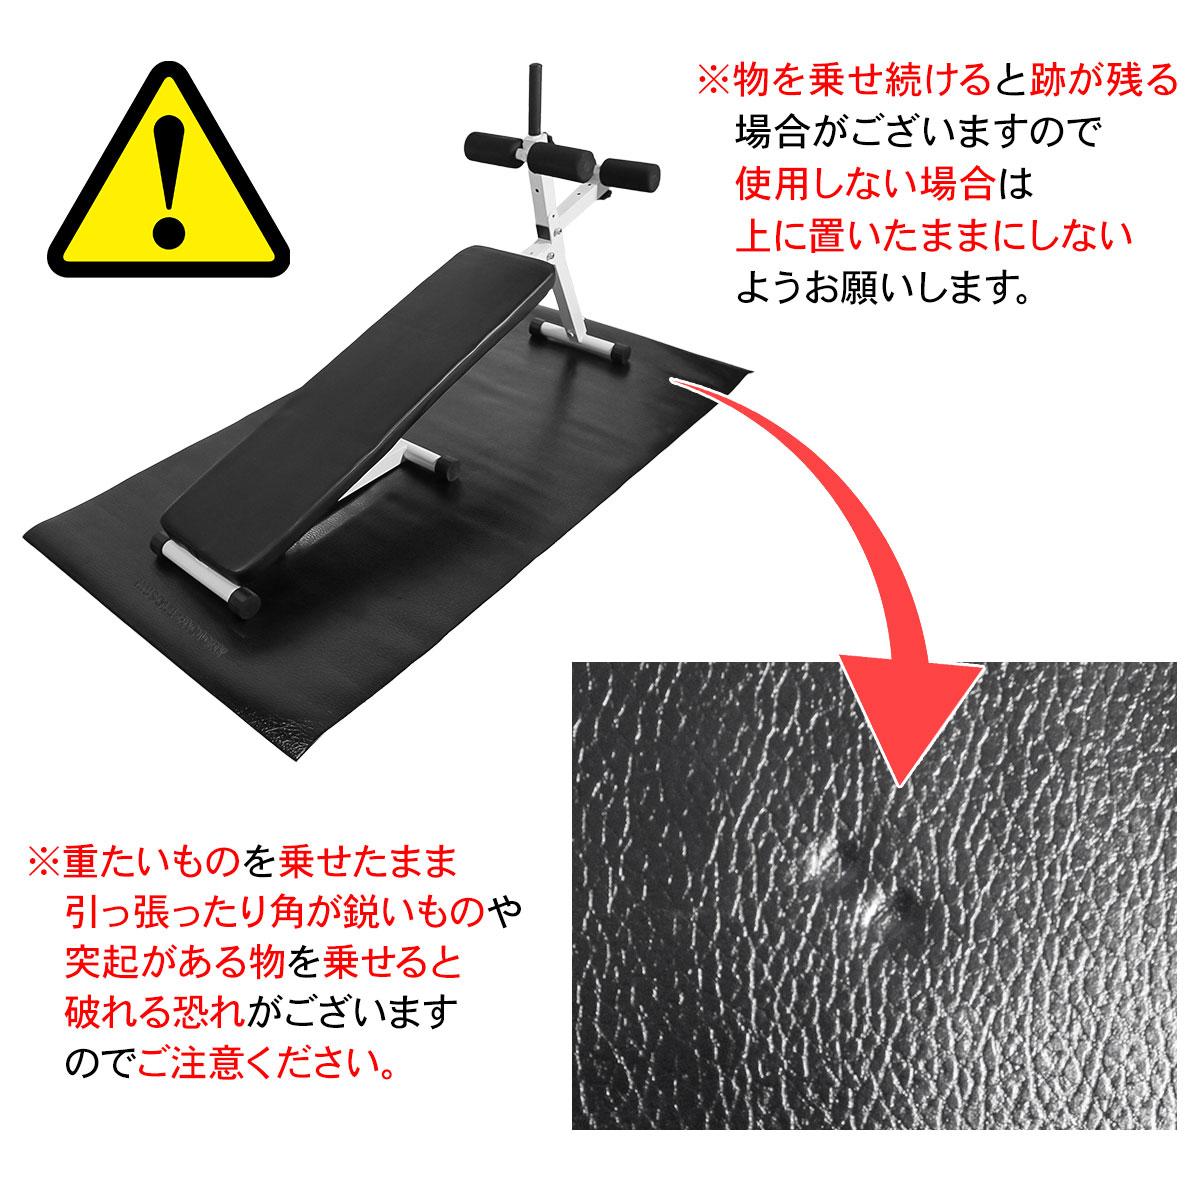 MUSCLE FACTORY フロアマット ベンチマット 筋トレ マット ヨガマット 防傷 防音 PVC 1250*800*6mm